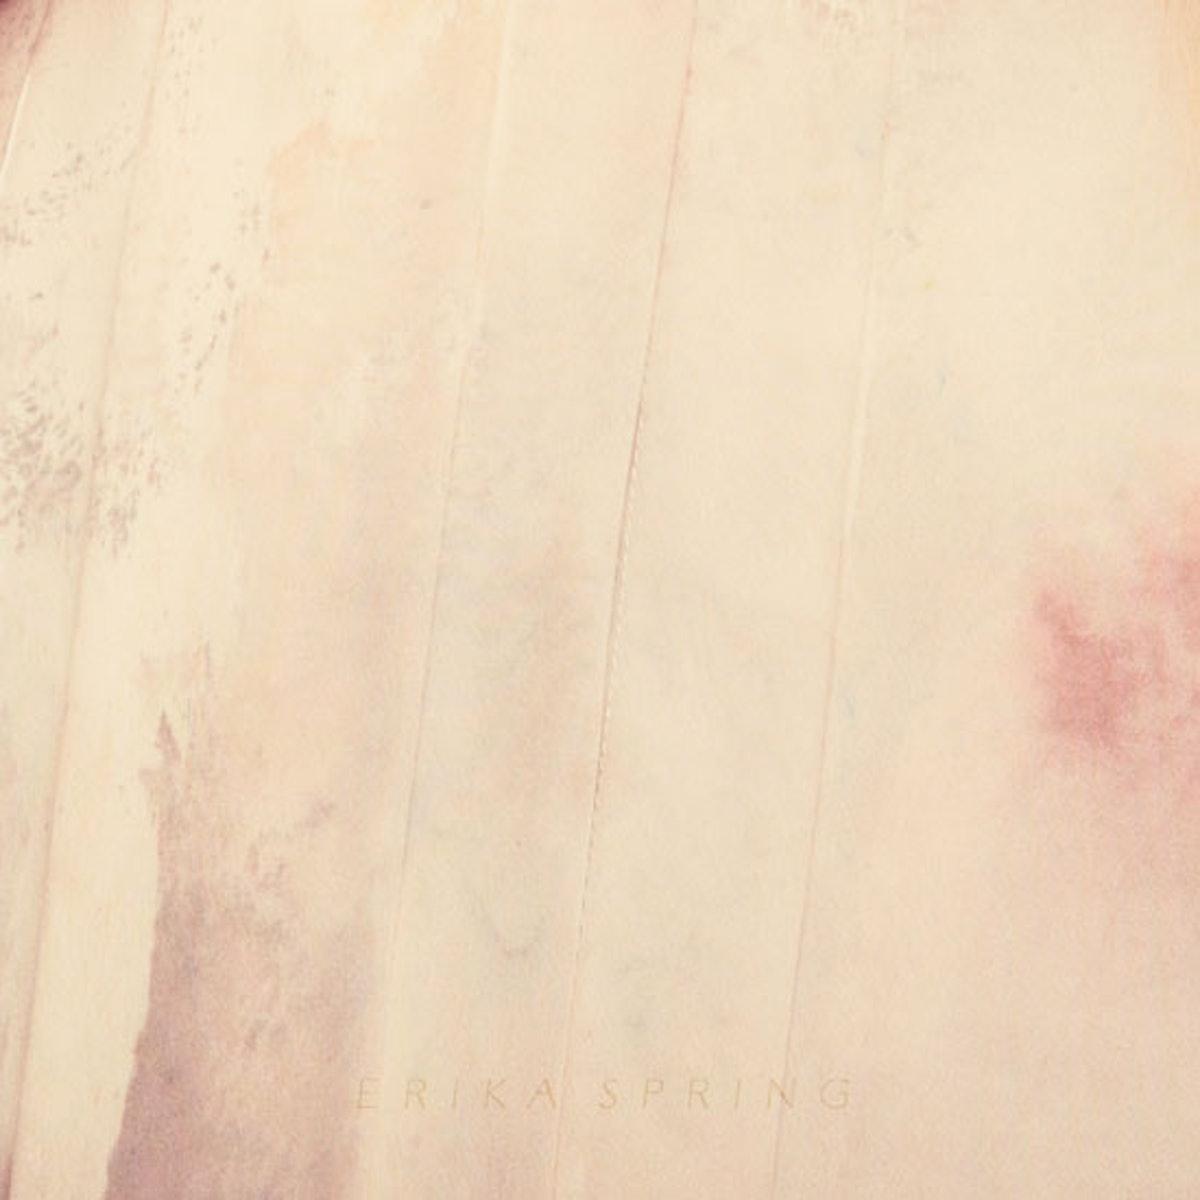 blog-Erika-Spring-EP-cover-art-01.jpg